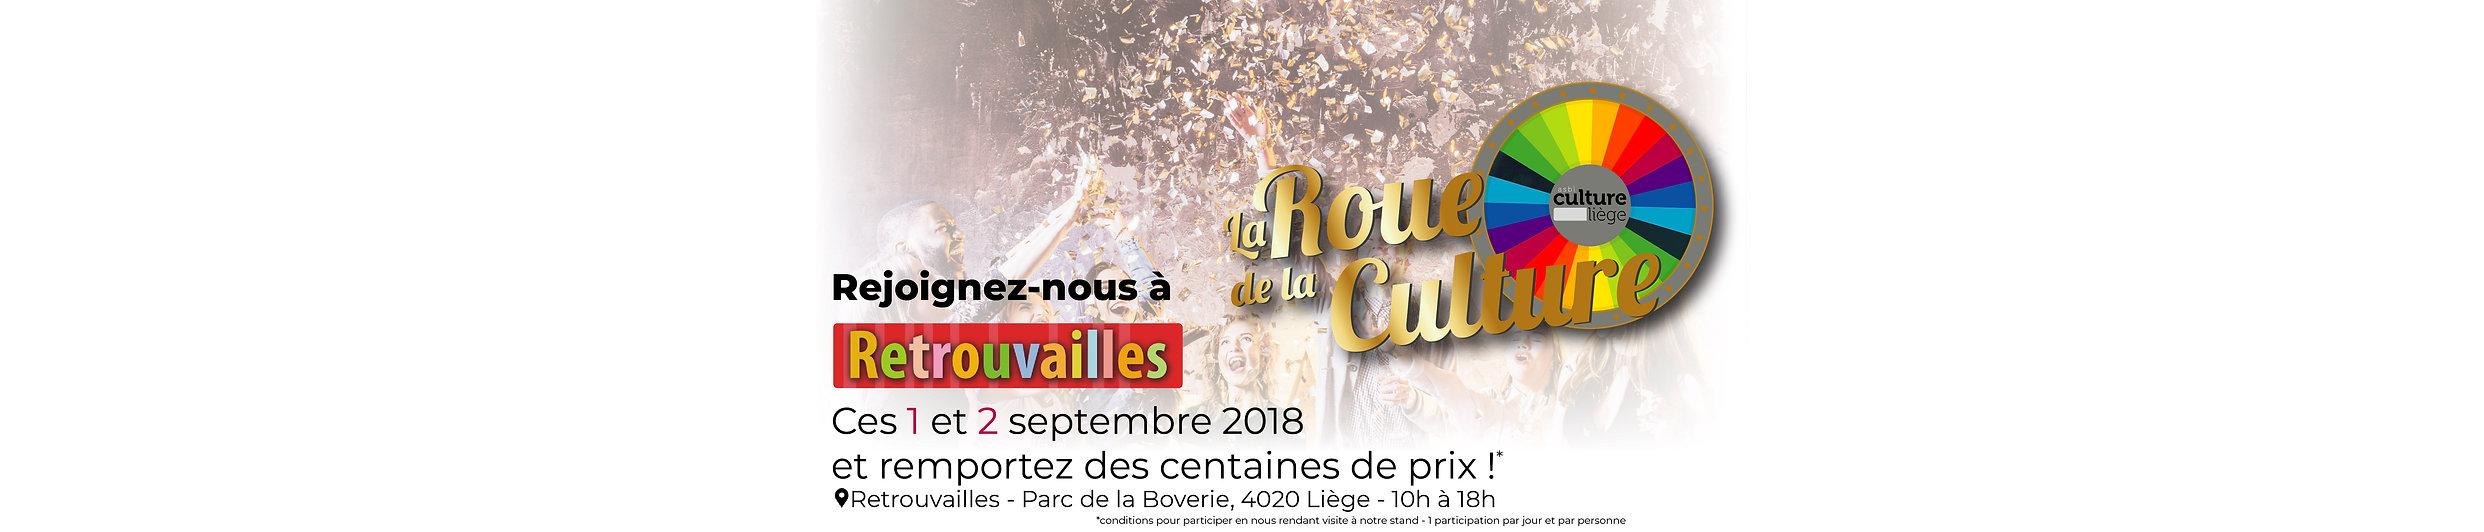 banner site roue de la culture-01.jpg